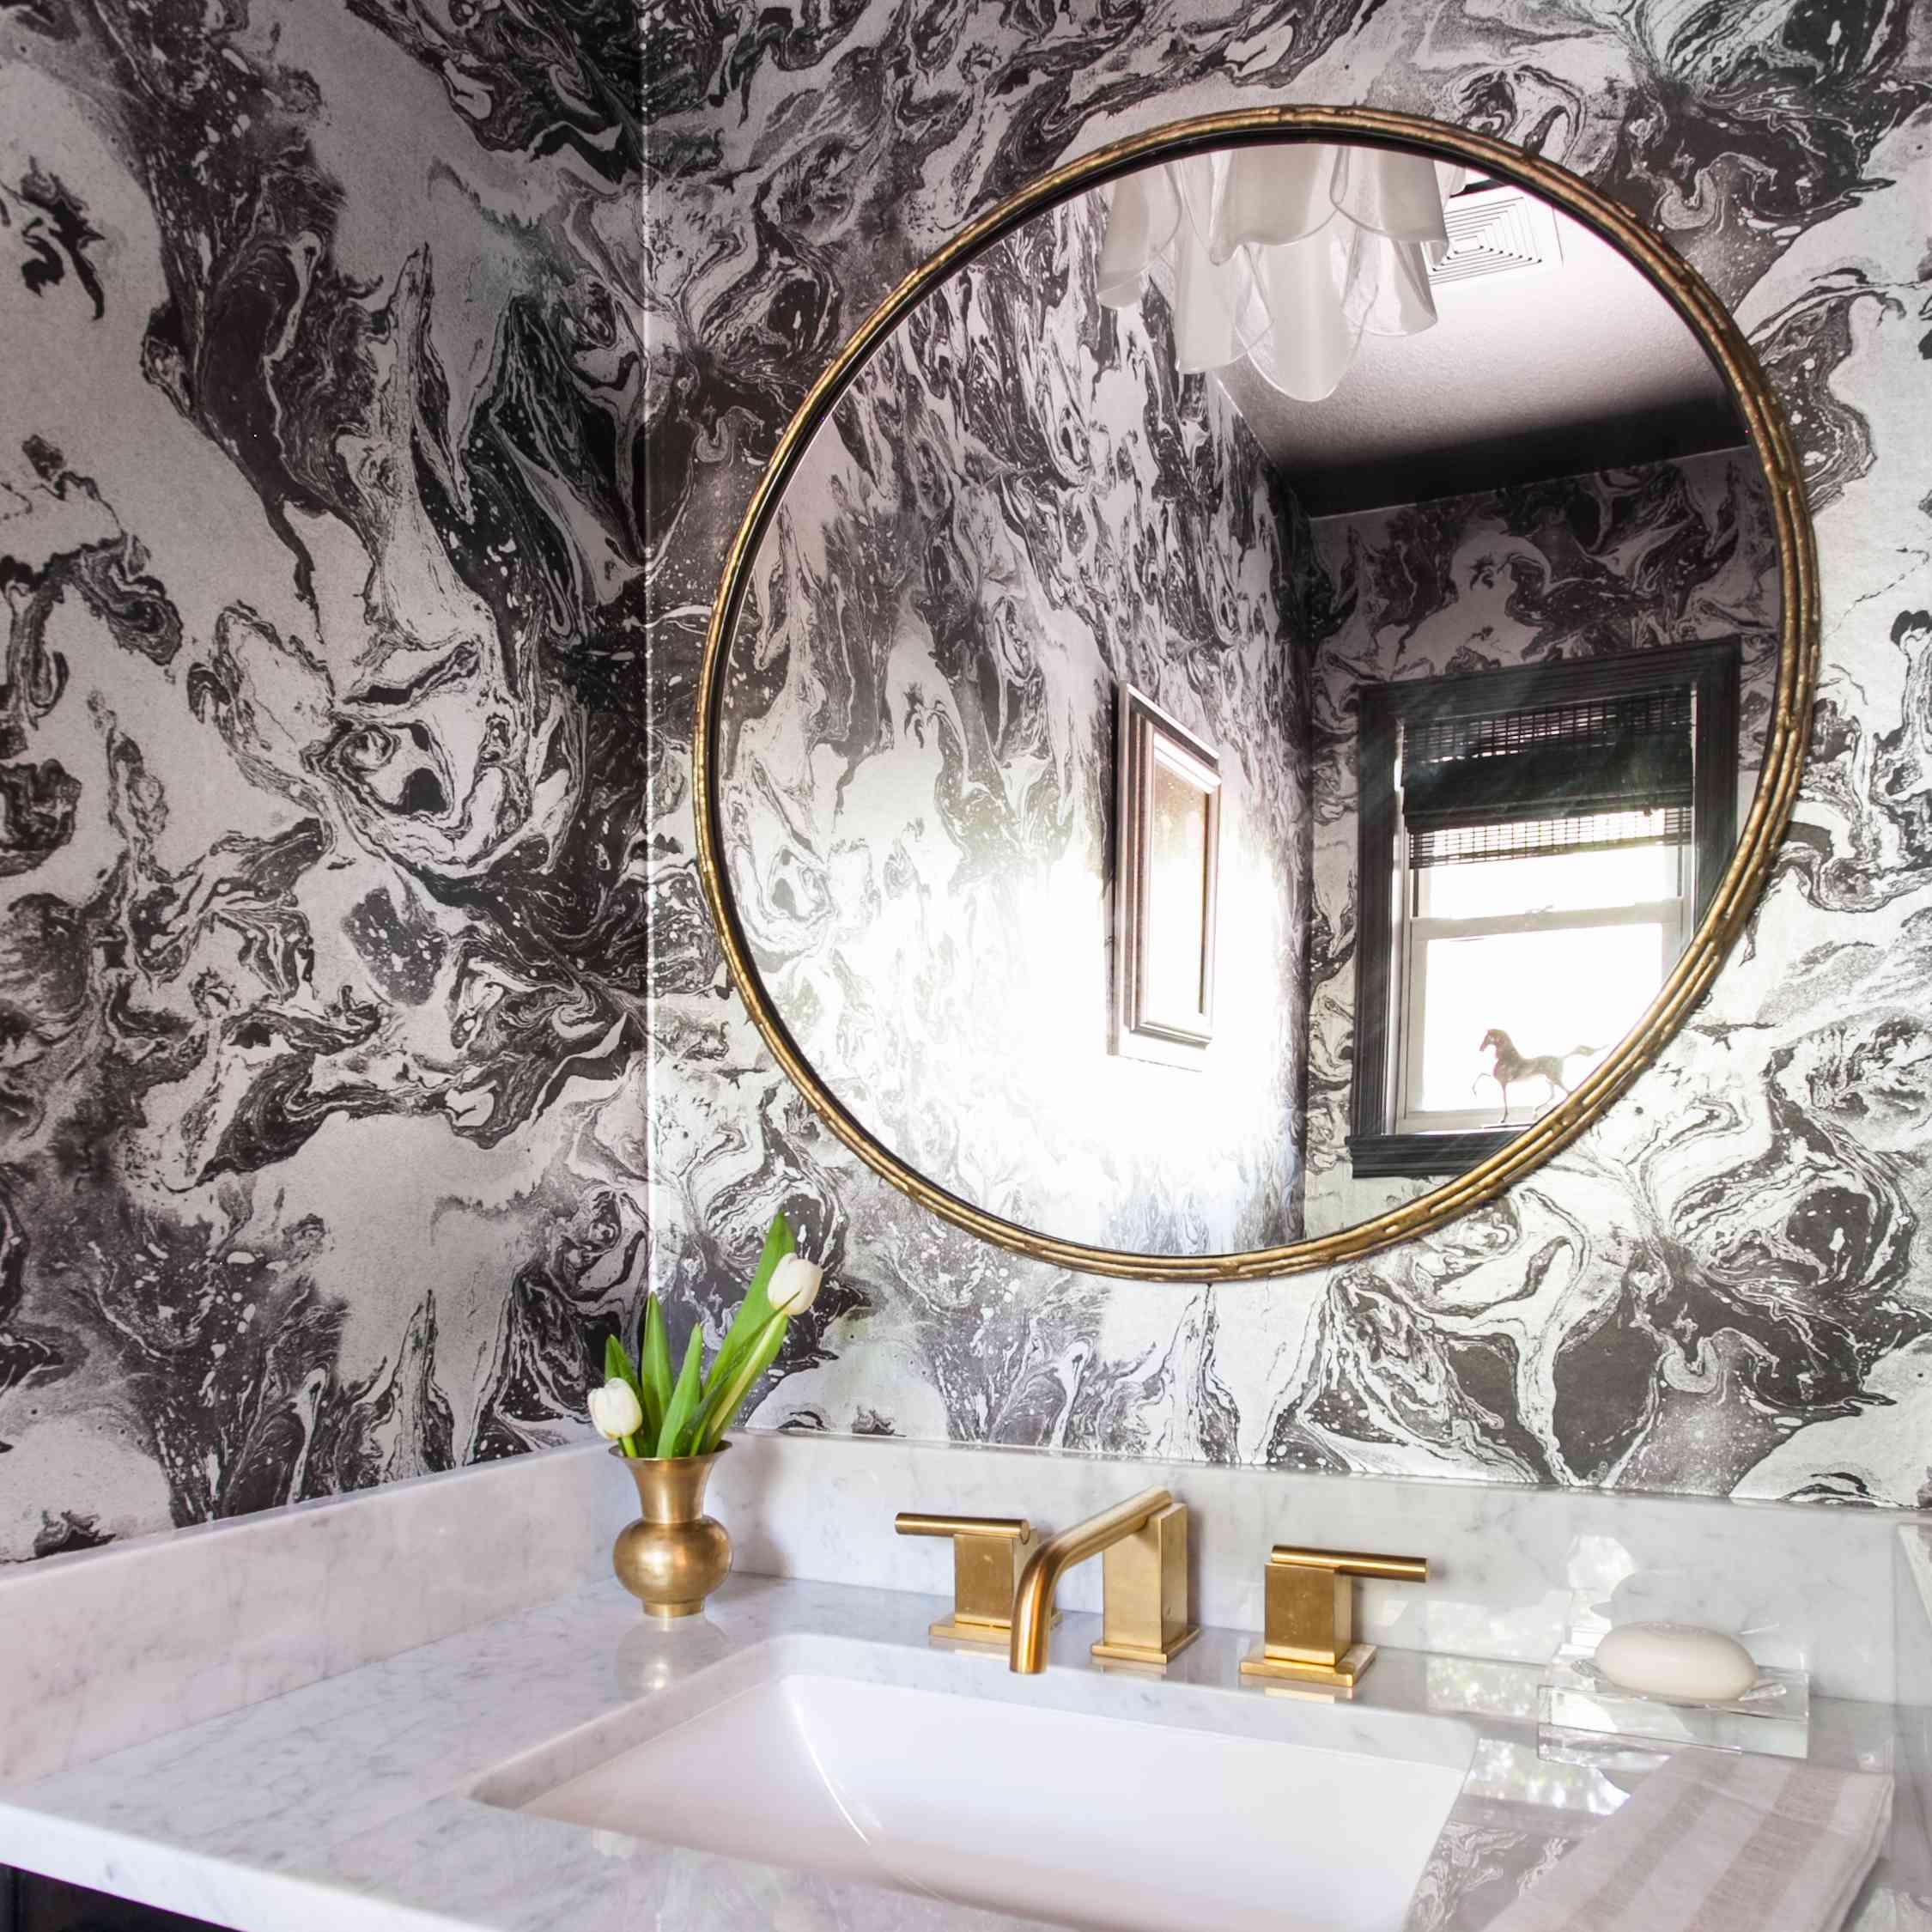 Powder room by Erin Williamson Design